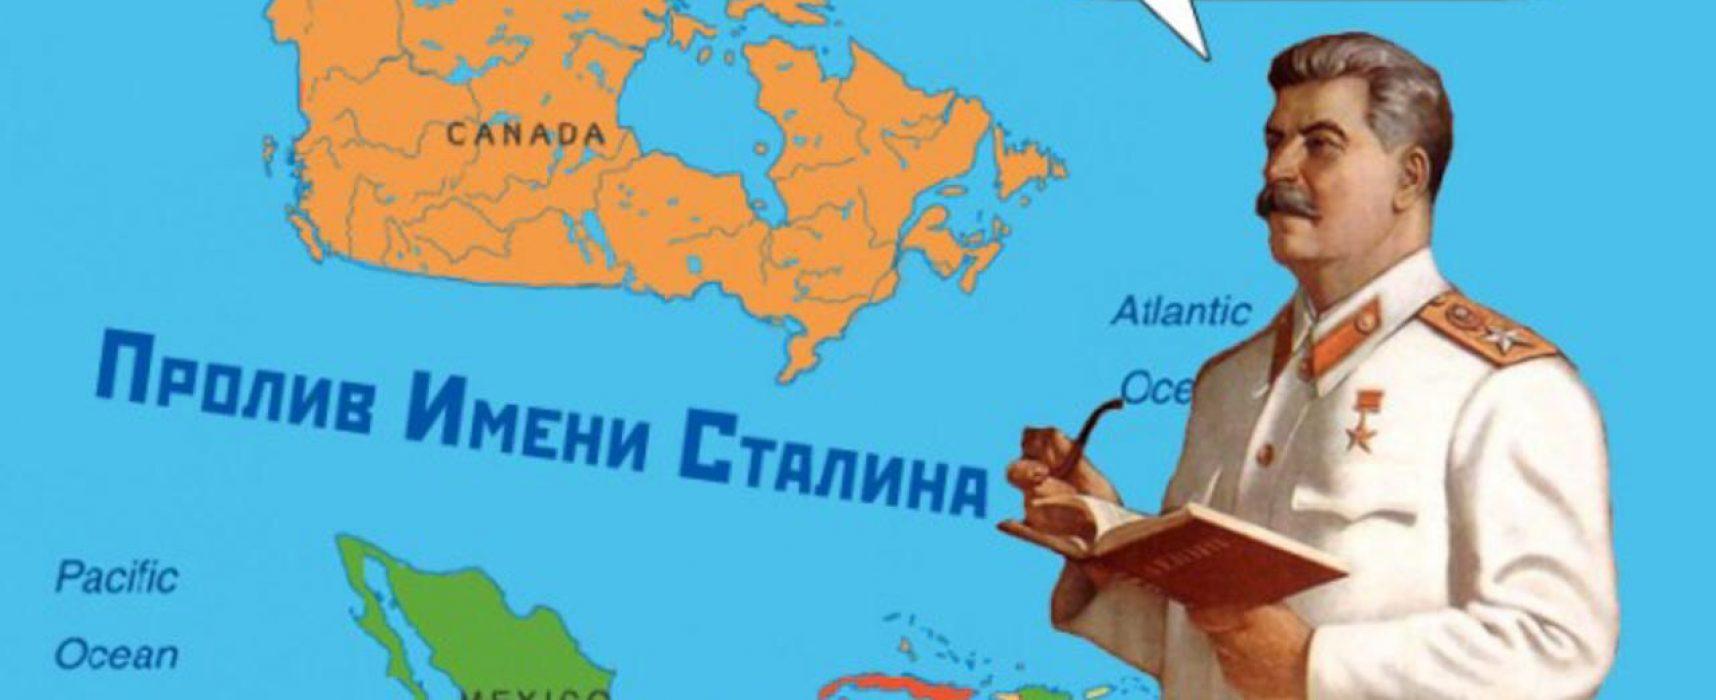 Игорь Яковенко: Пролив имени товарища Сталина